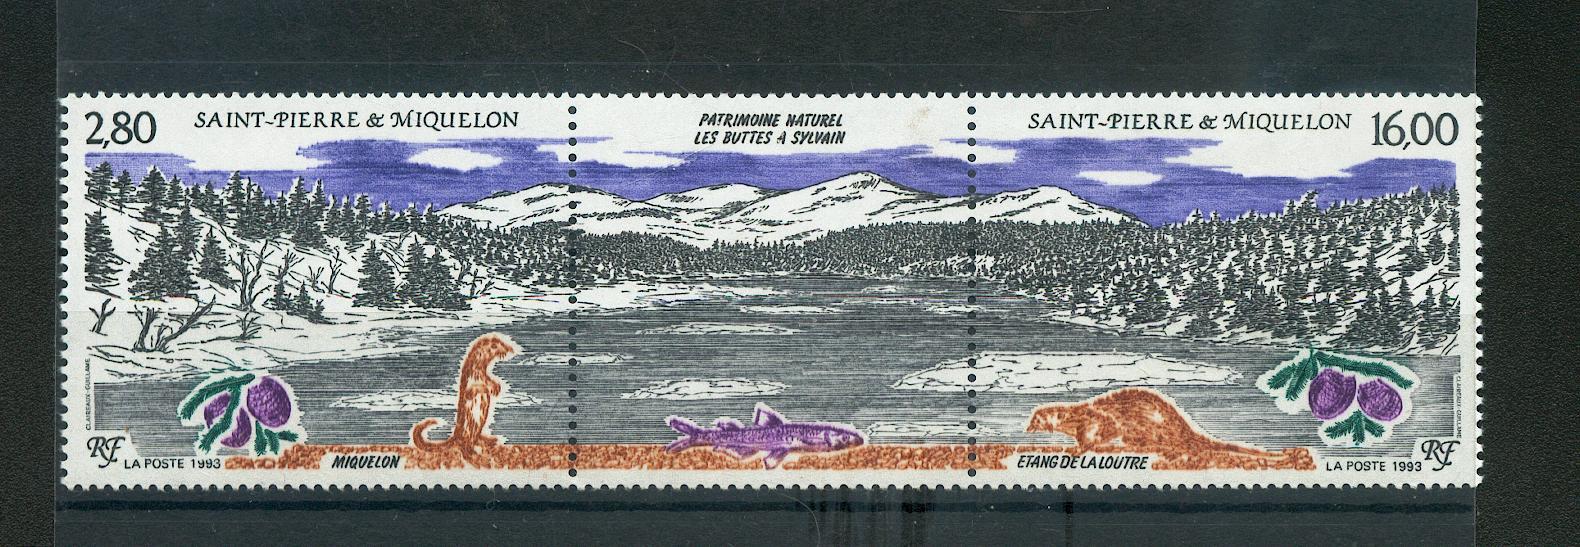 Saint Pierre et Miquelon 586 A 1993  à la faciale foret étang et faune neuf ** TB MNH sin charnela